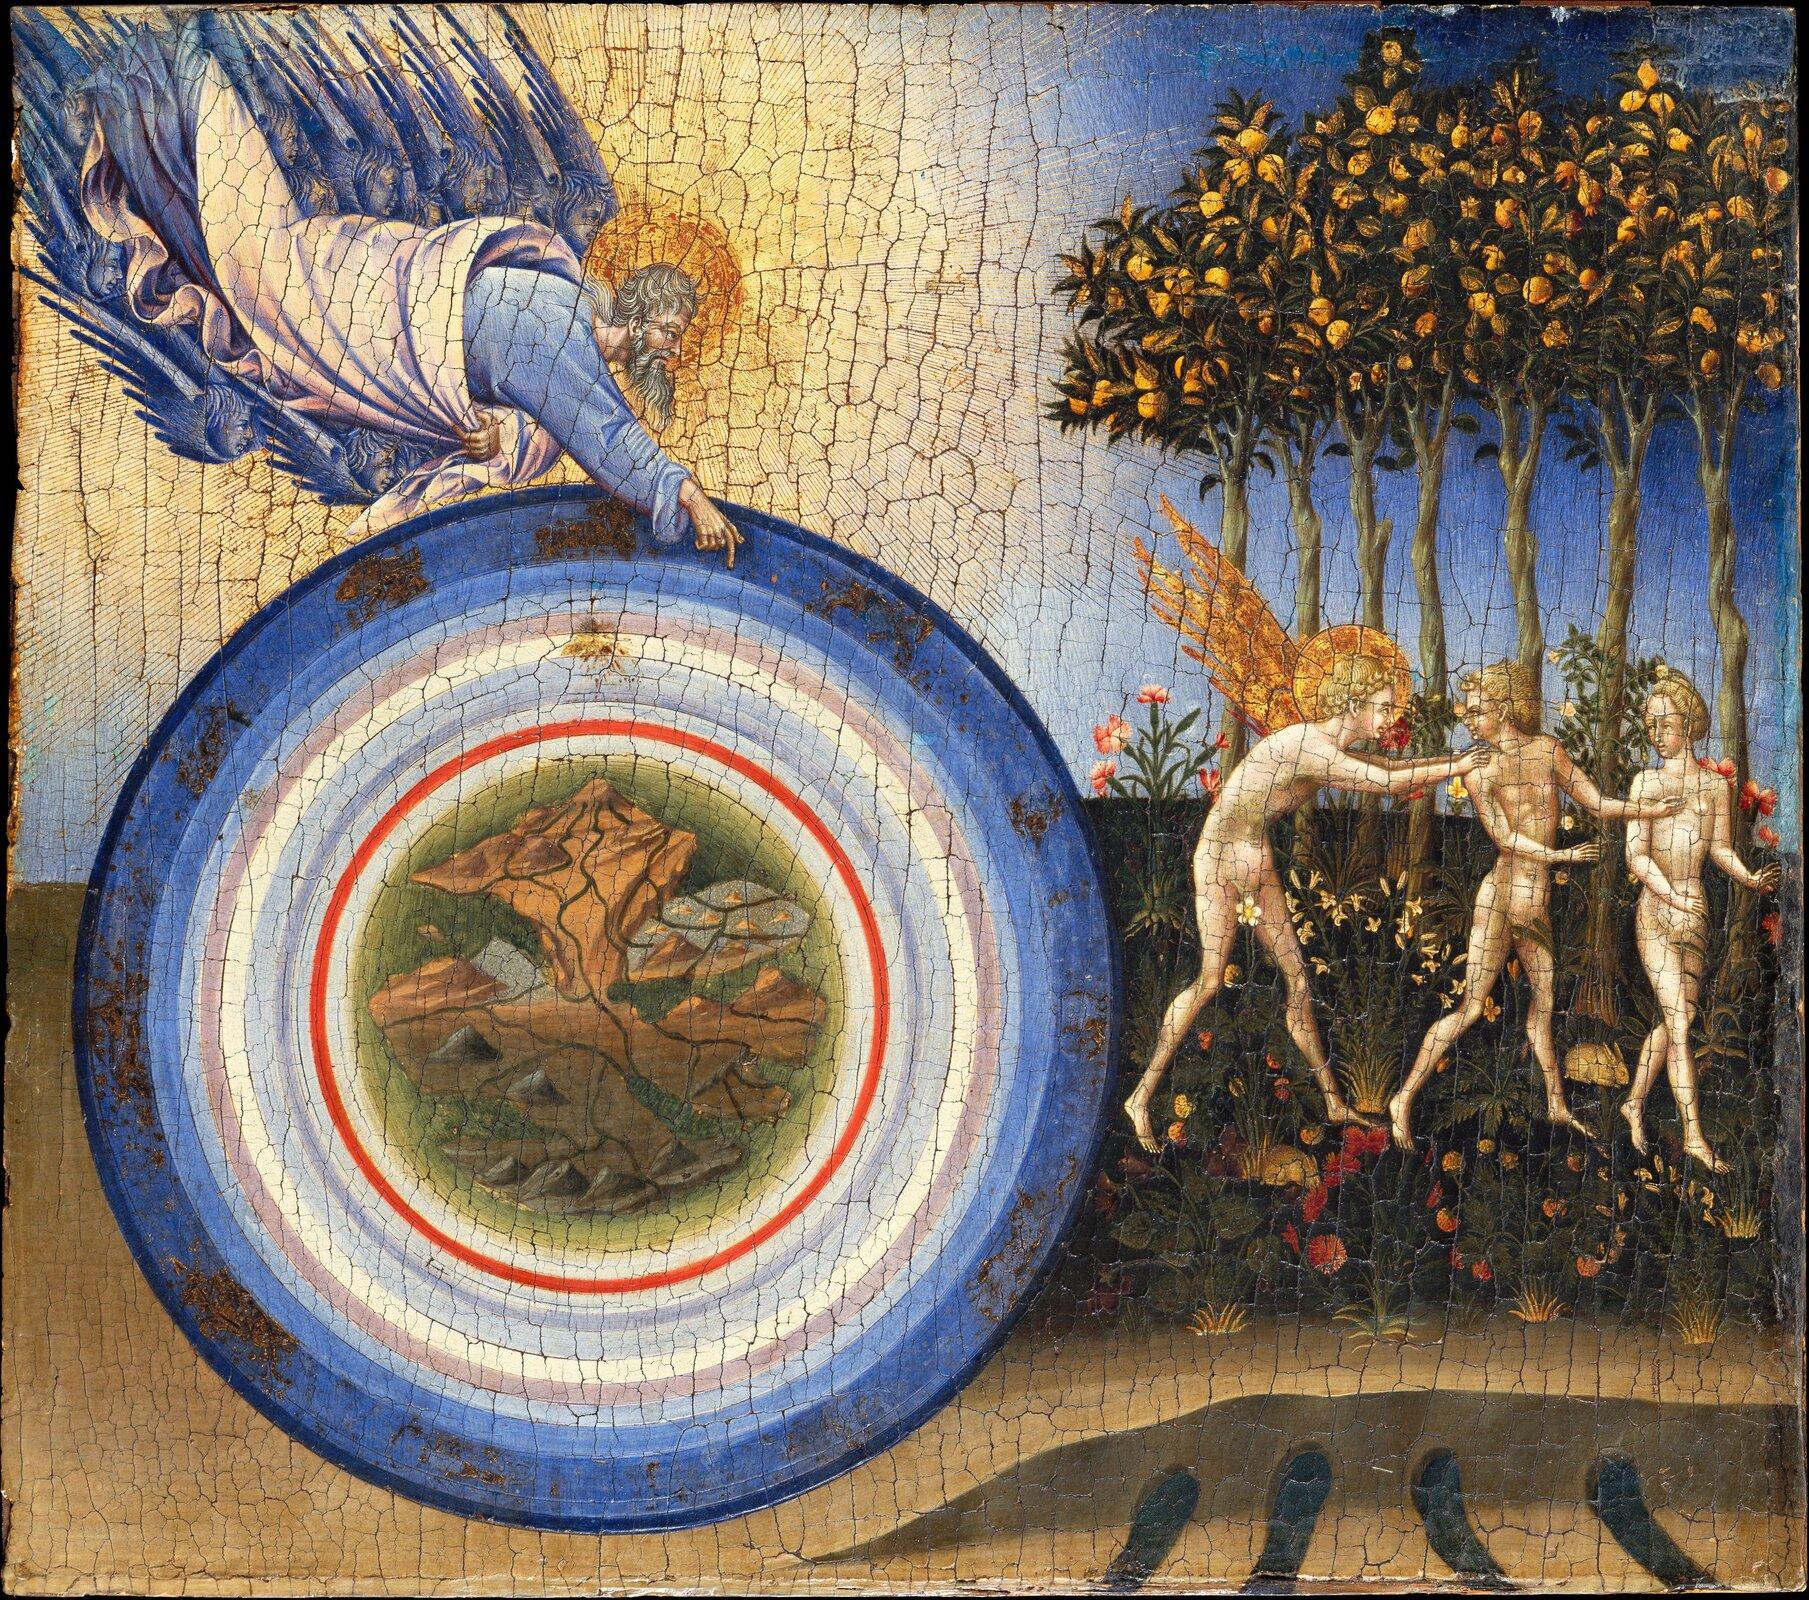 Stworzenie świata iwypędzenie zRaju Źródło: Giovanni di Paolo, Stworzenie świata iwypędzenie zRaju, 1445, tempera izłoto na desce, Metropolitan Museum of Art, Nowy Jork, domena publiczna.